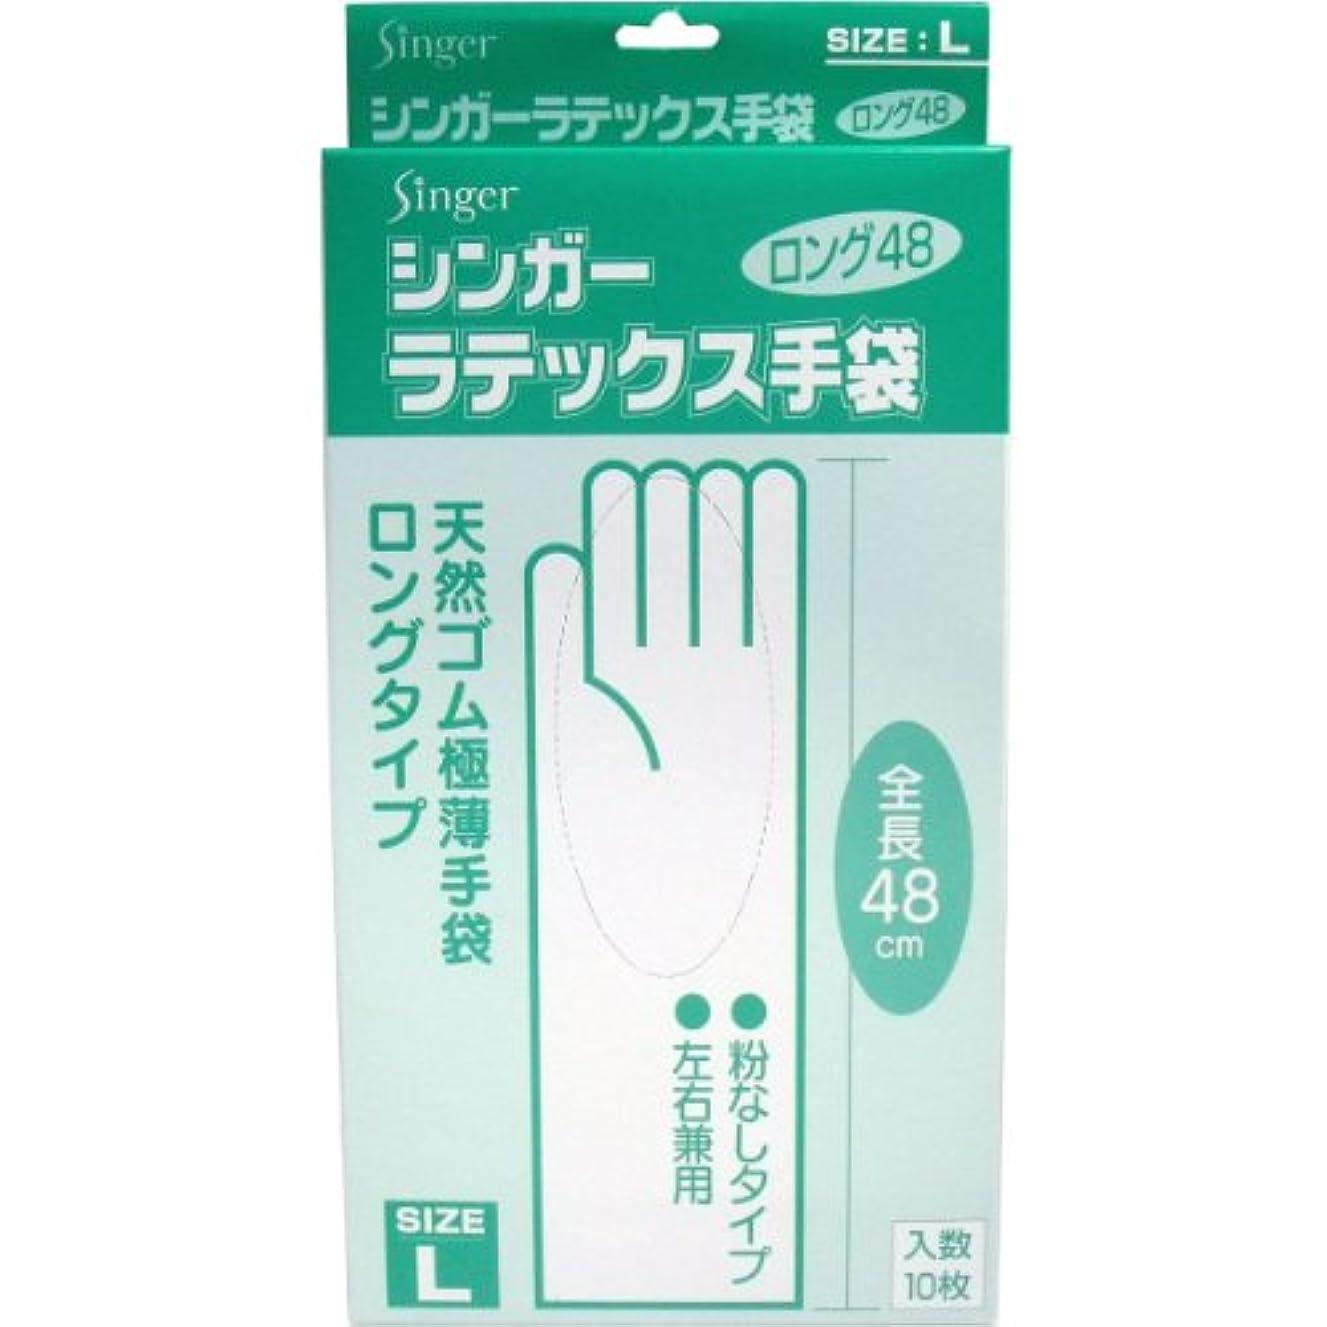 甘やかす全部やがてシンガーラテックス手袋 天然ゴム極薄手袋 ロングタイプ Lサイズ 10枚入